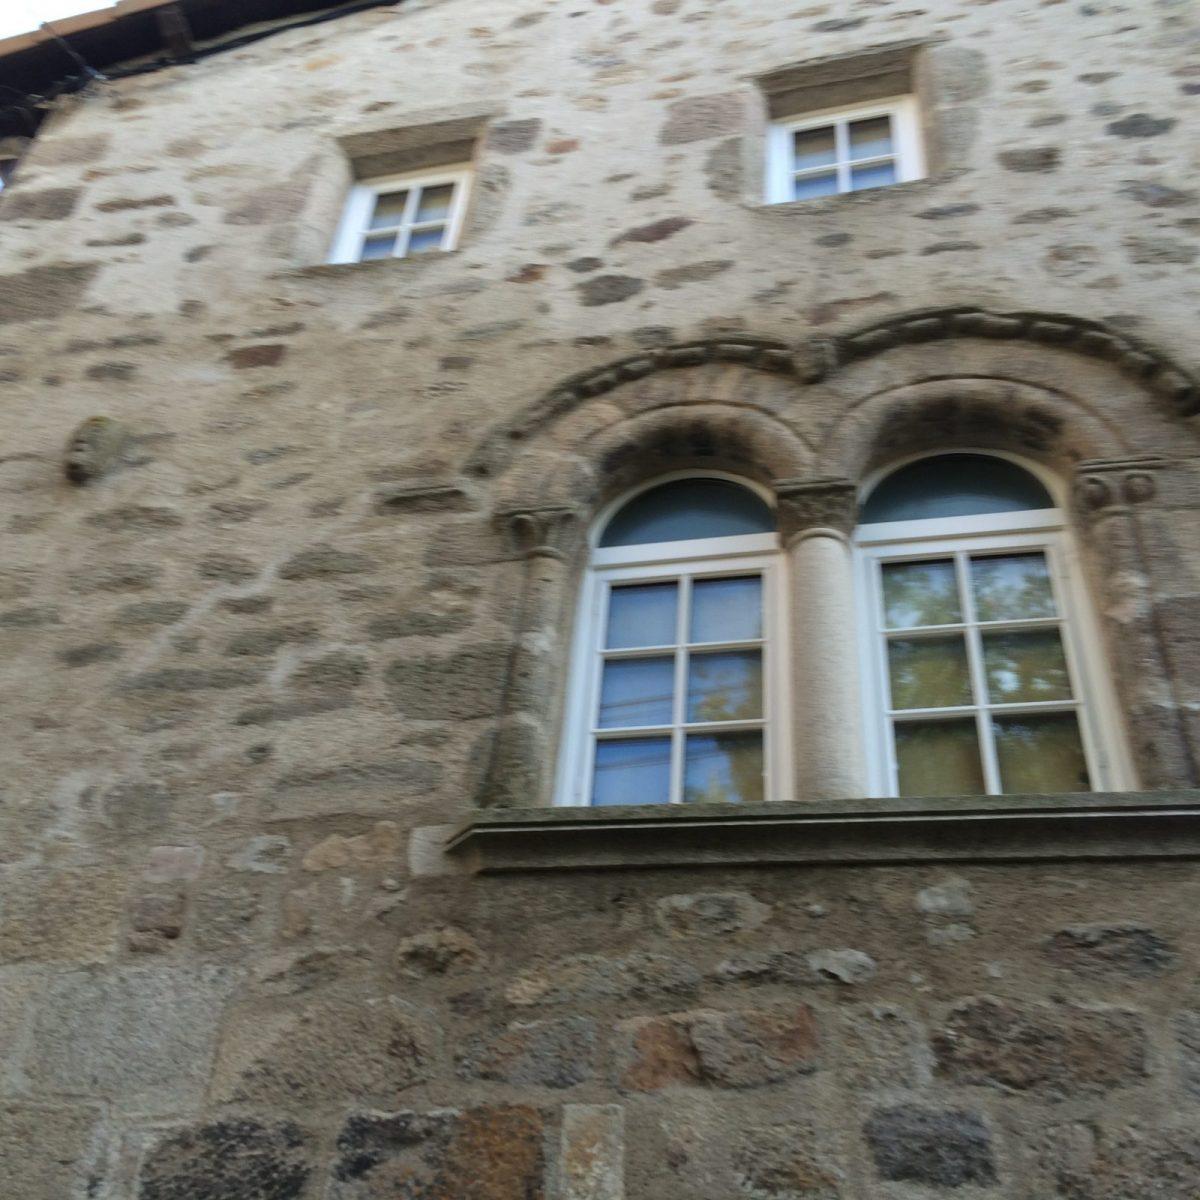 EVE_Visite du bourg médiéval _fenêtres romanes